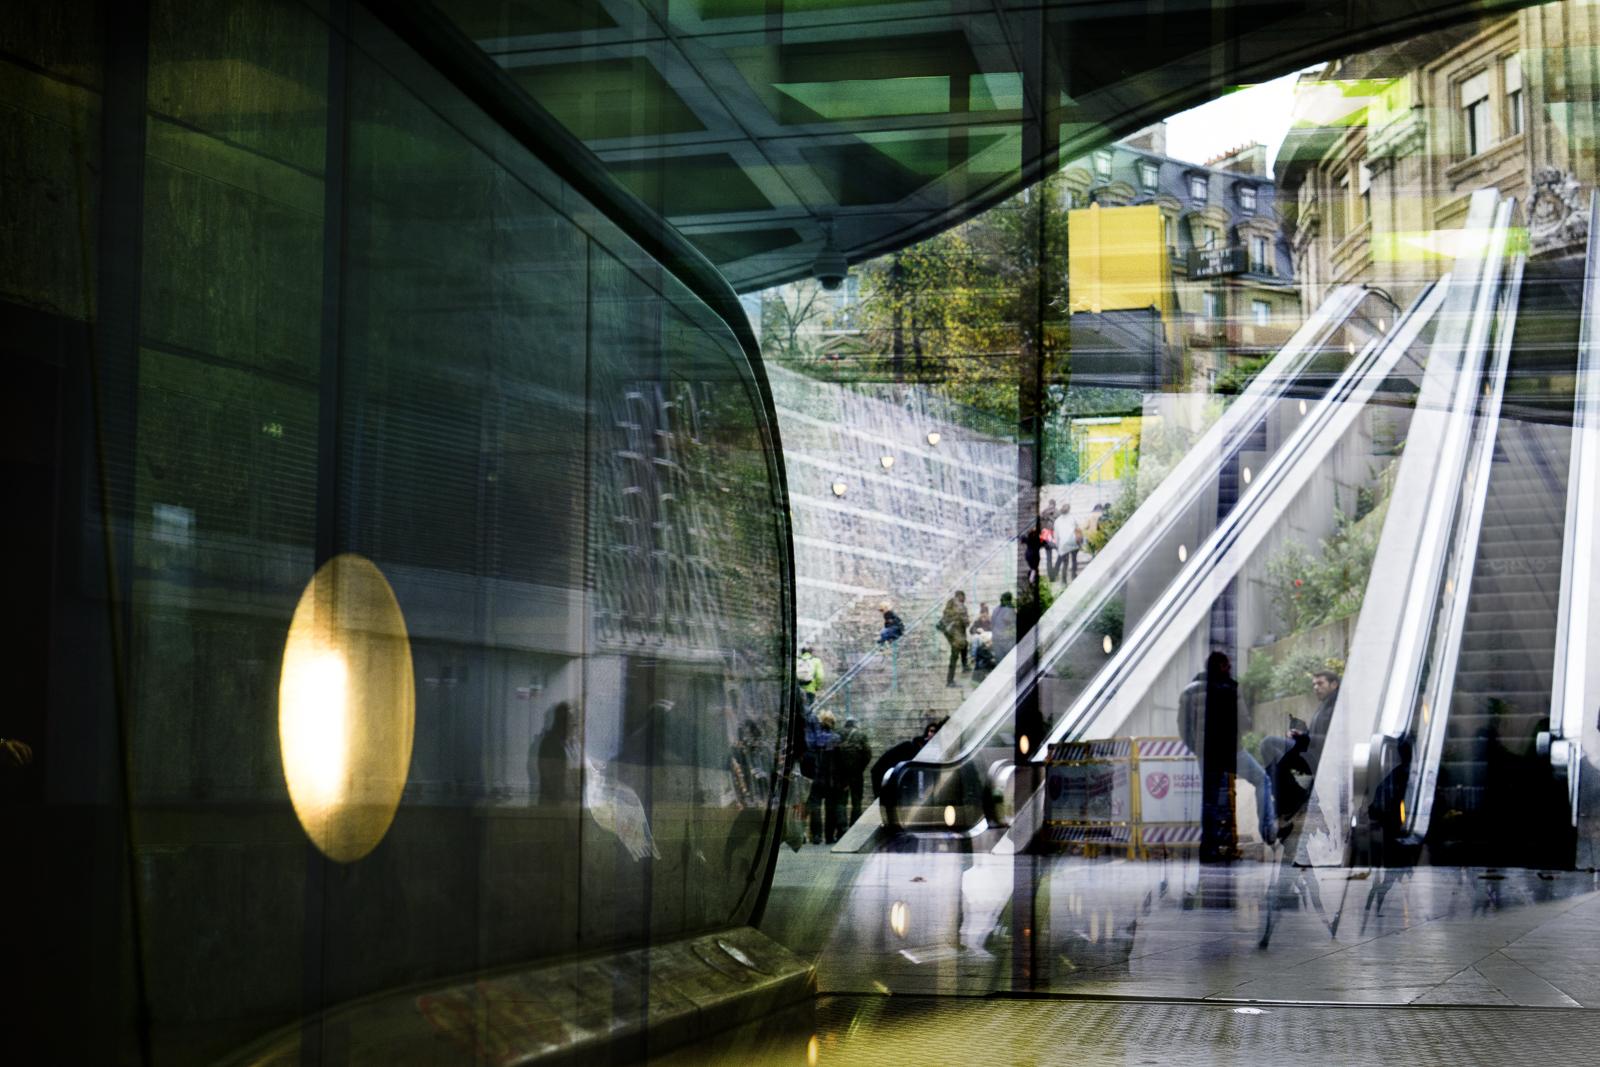 Forum des Halles, Paris, France